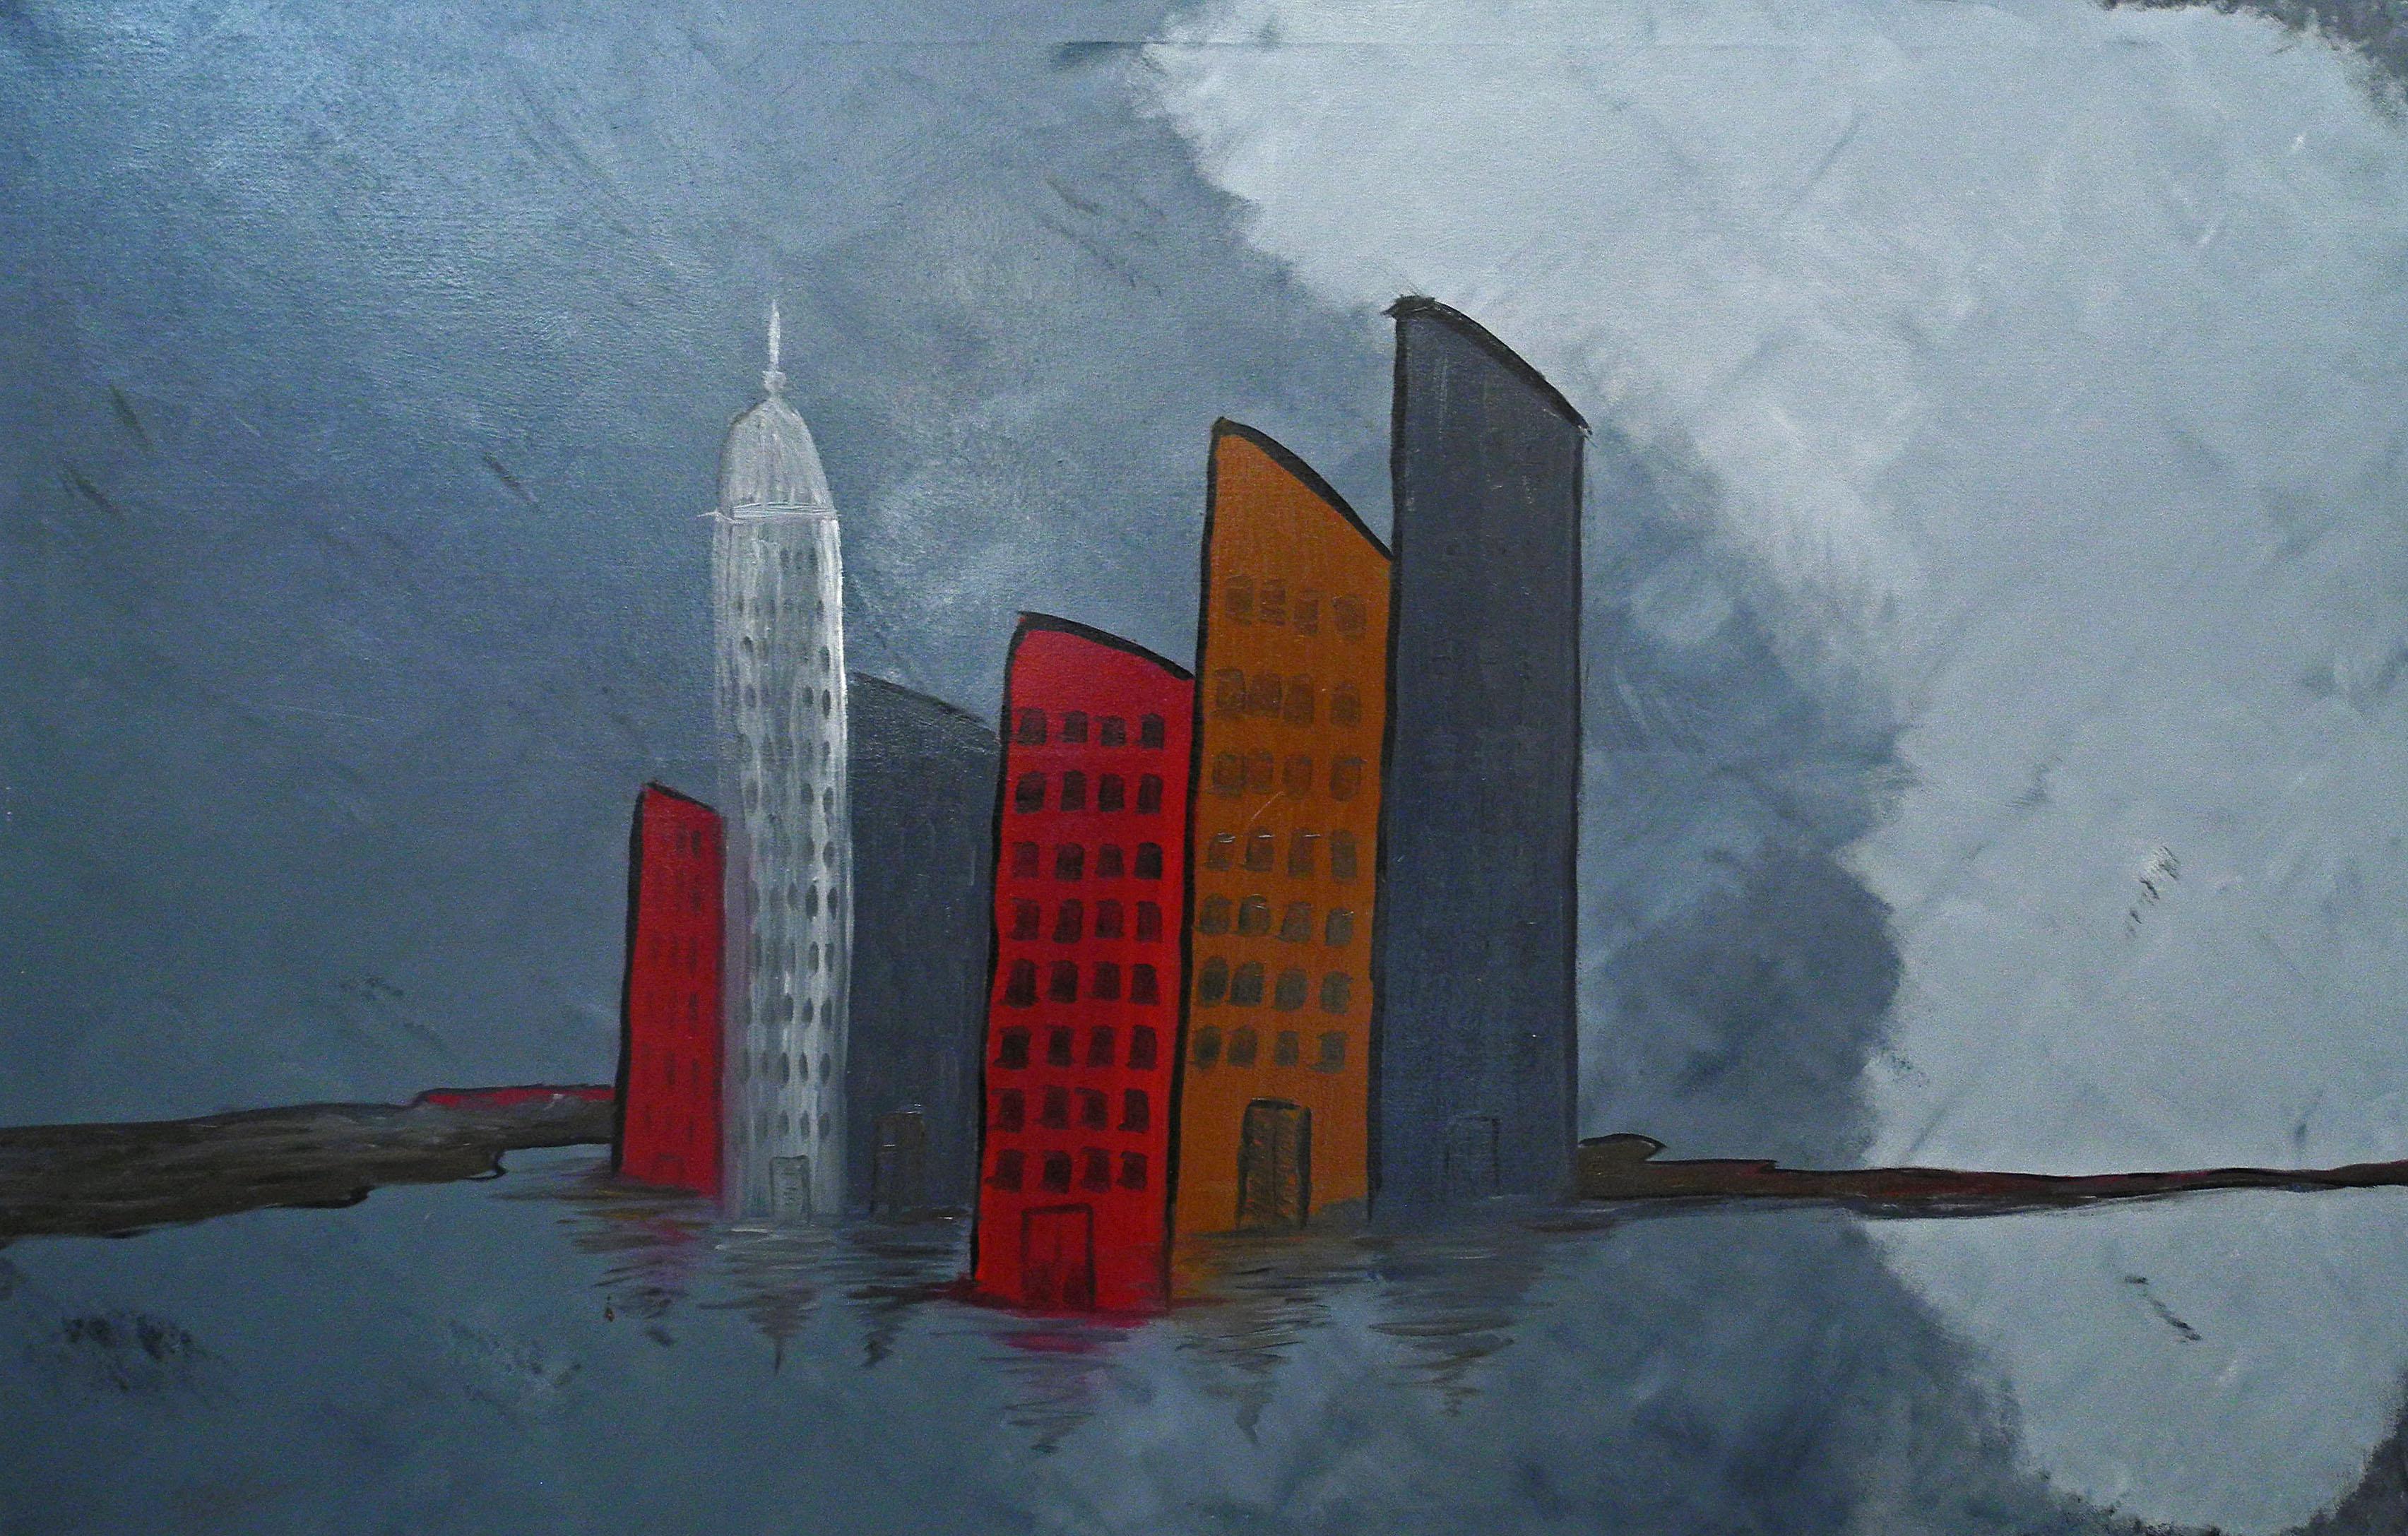 Sinking City (zinkende stad)